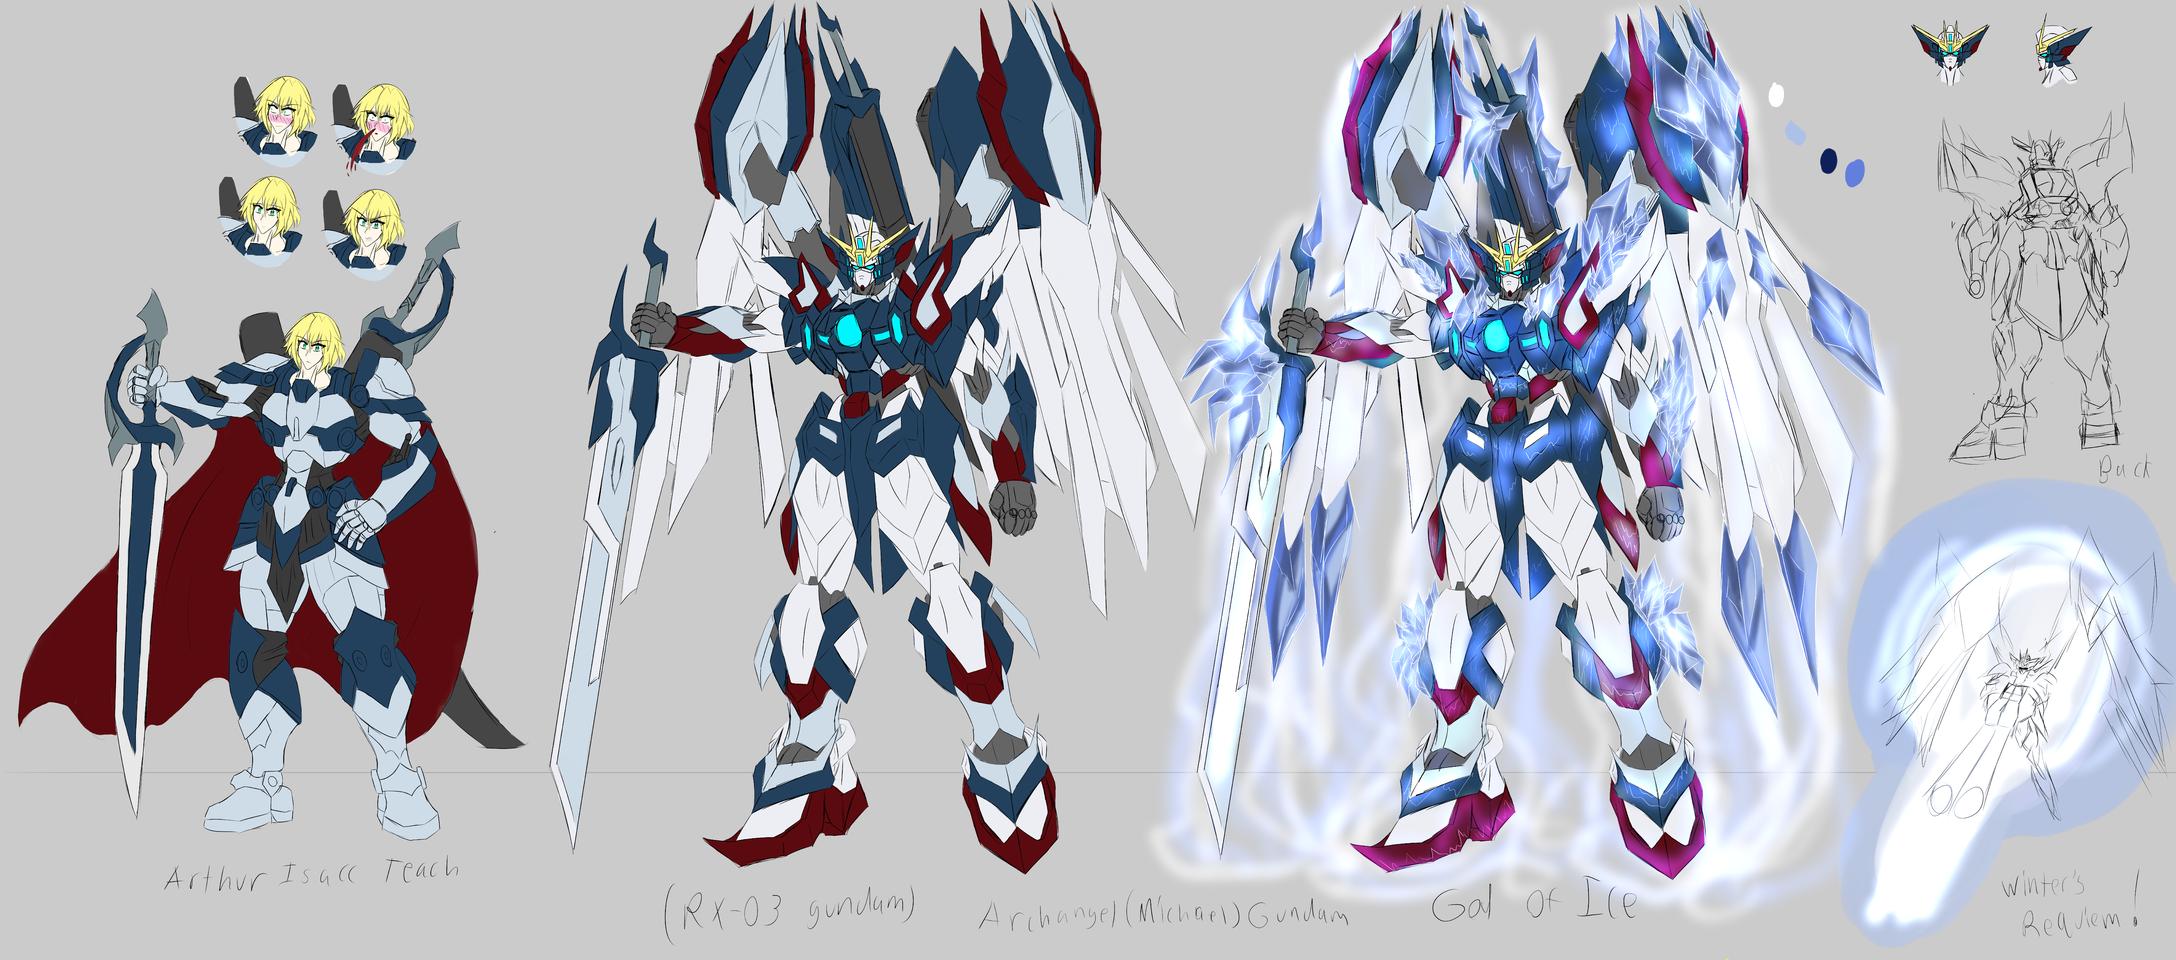 Arthur Issac Teach and the Archangel Gundam